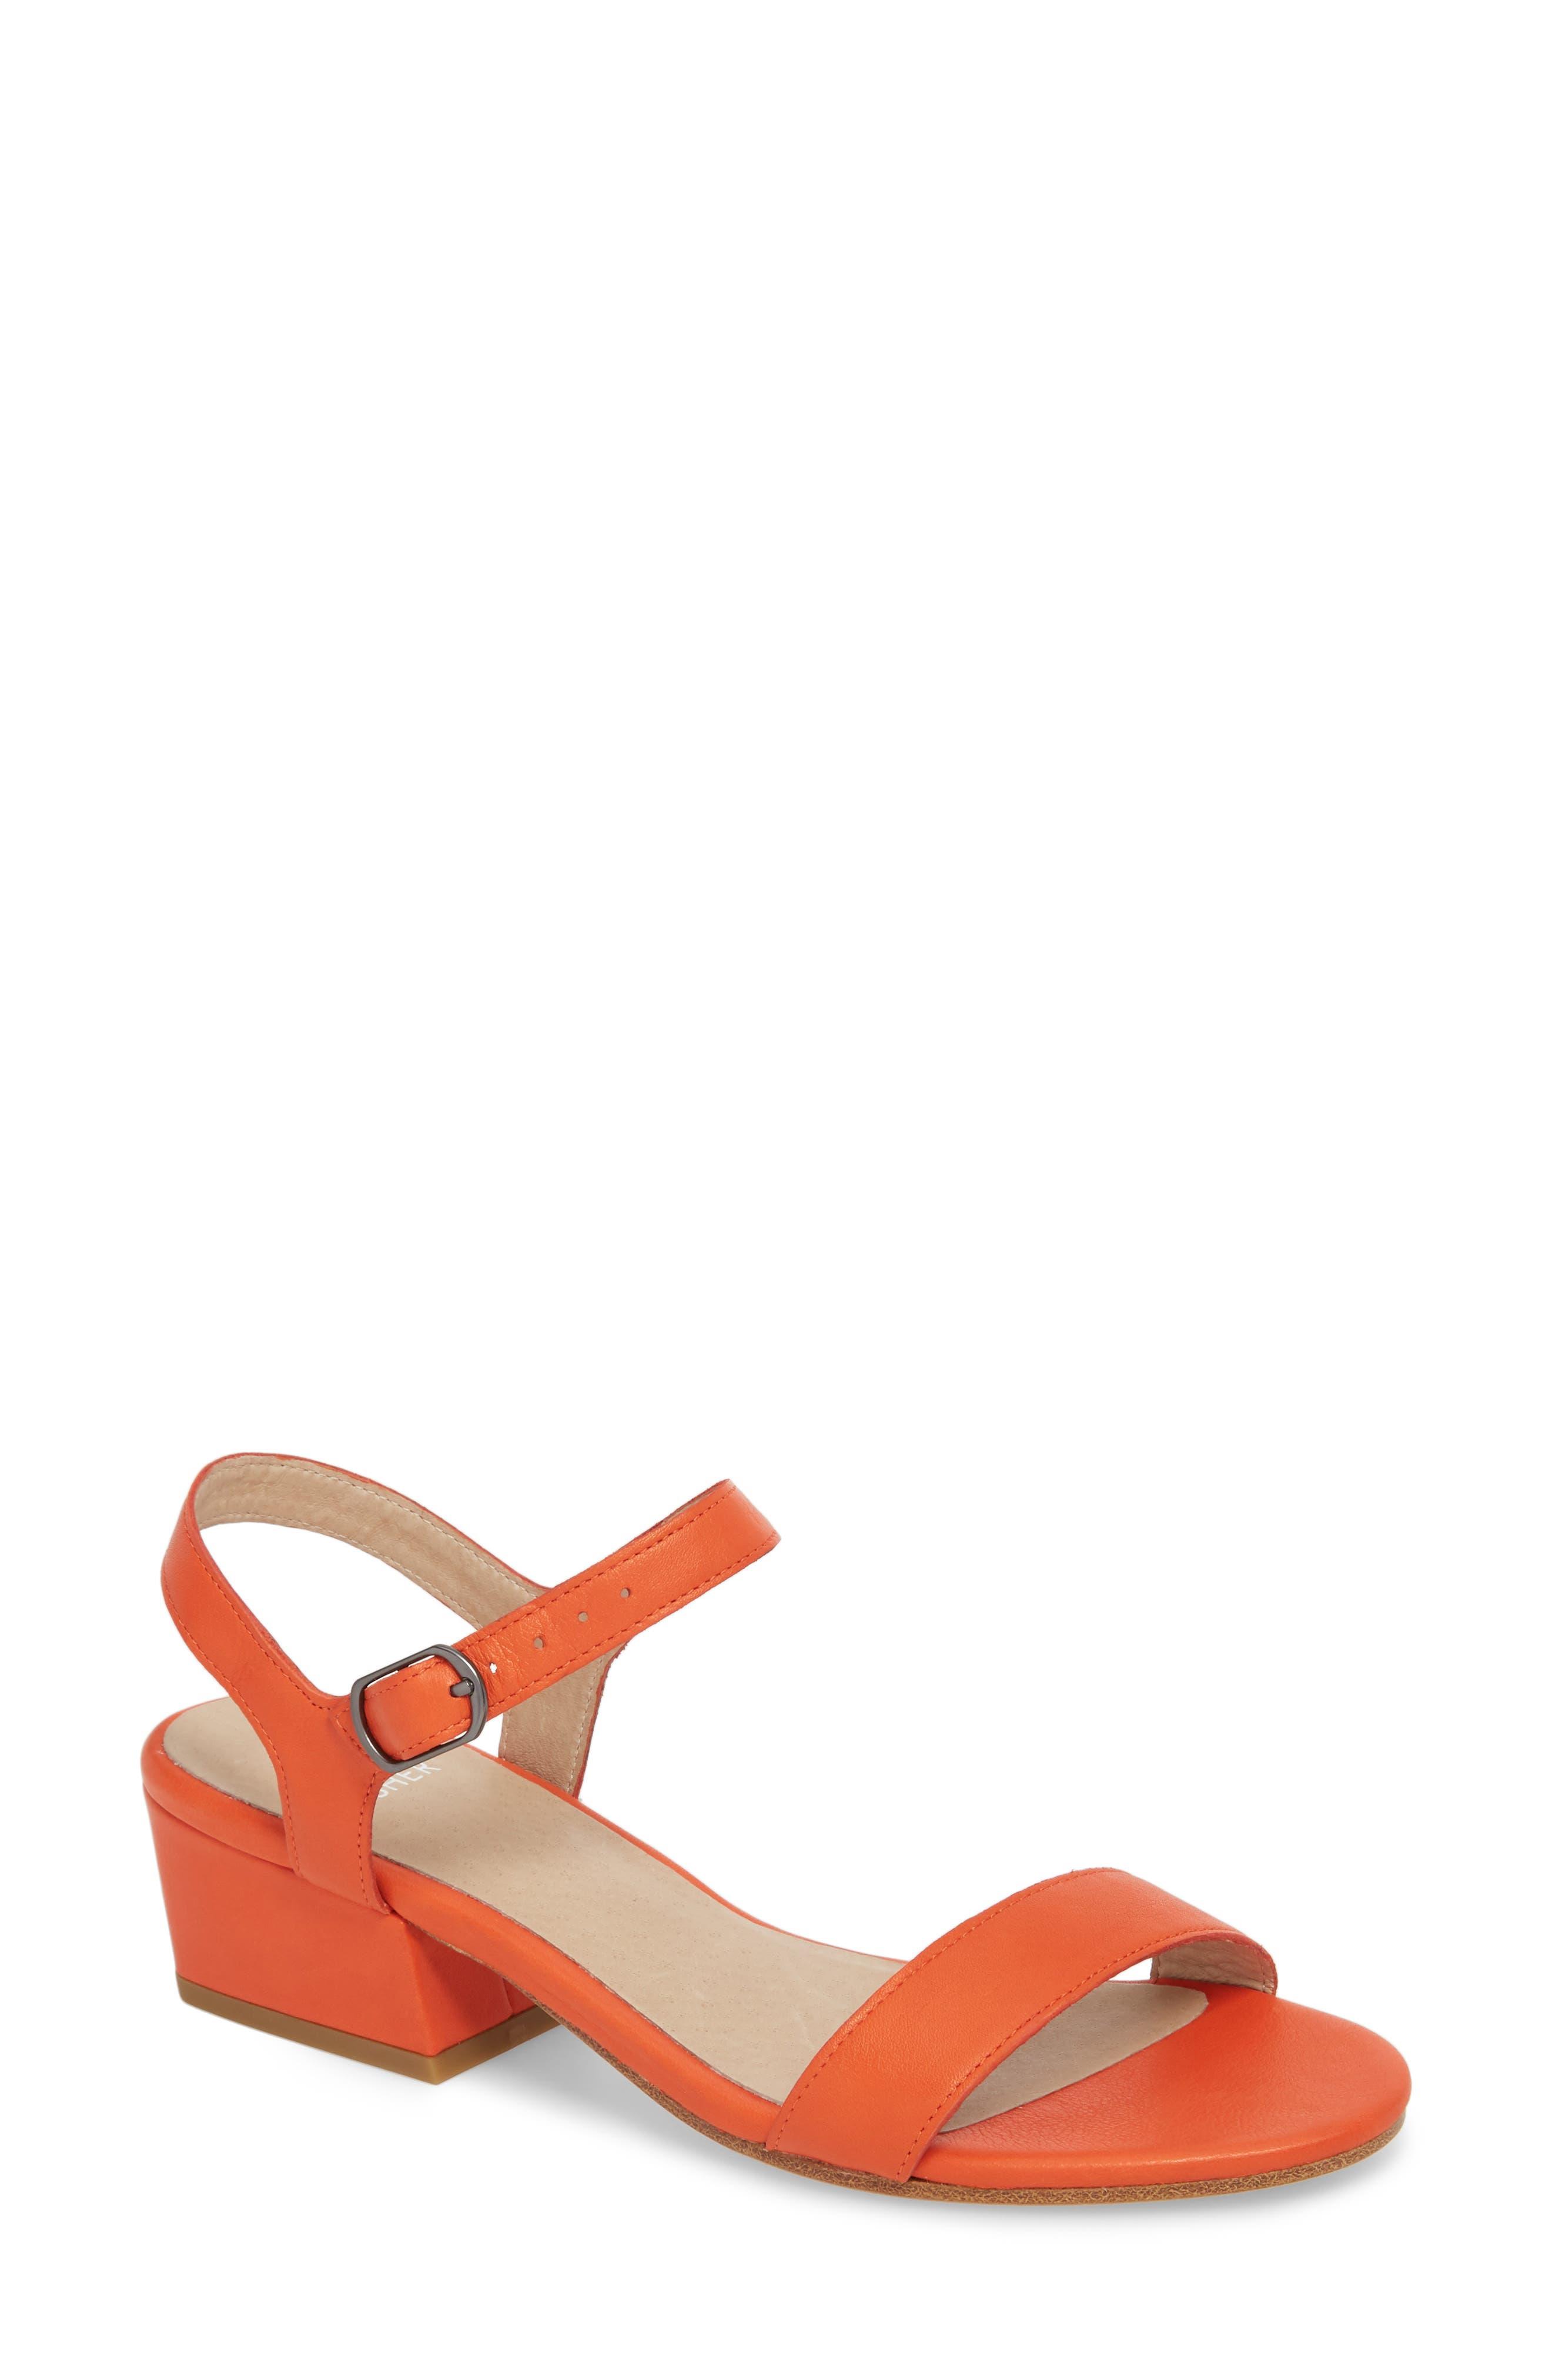 Olean Quarter Strap Sandal,                             Main thumbnail 1, color,                             800